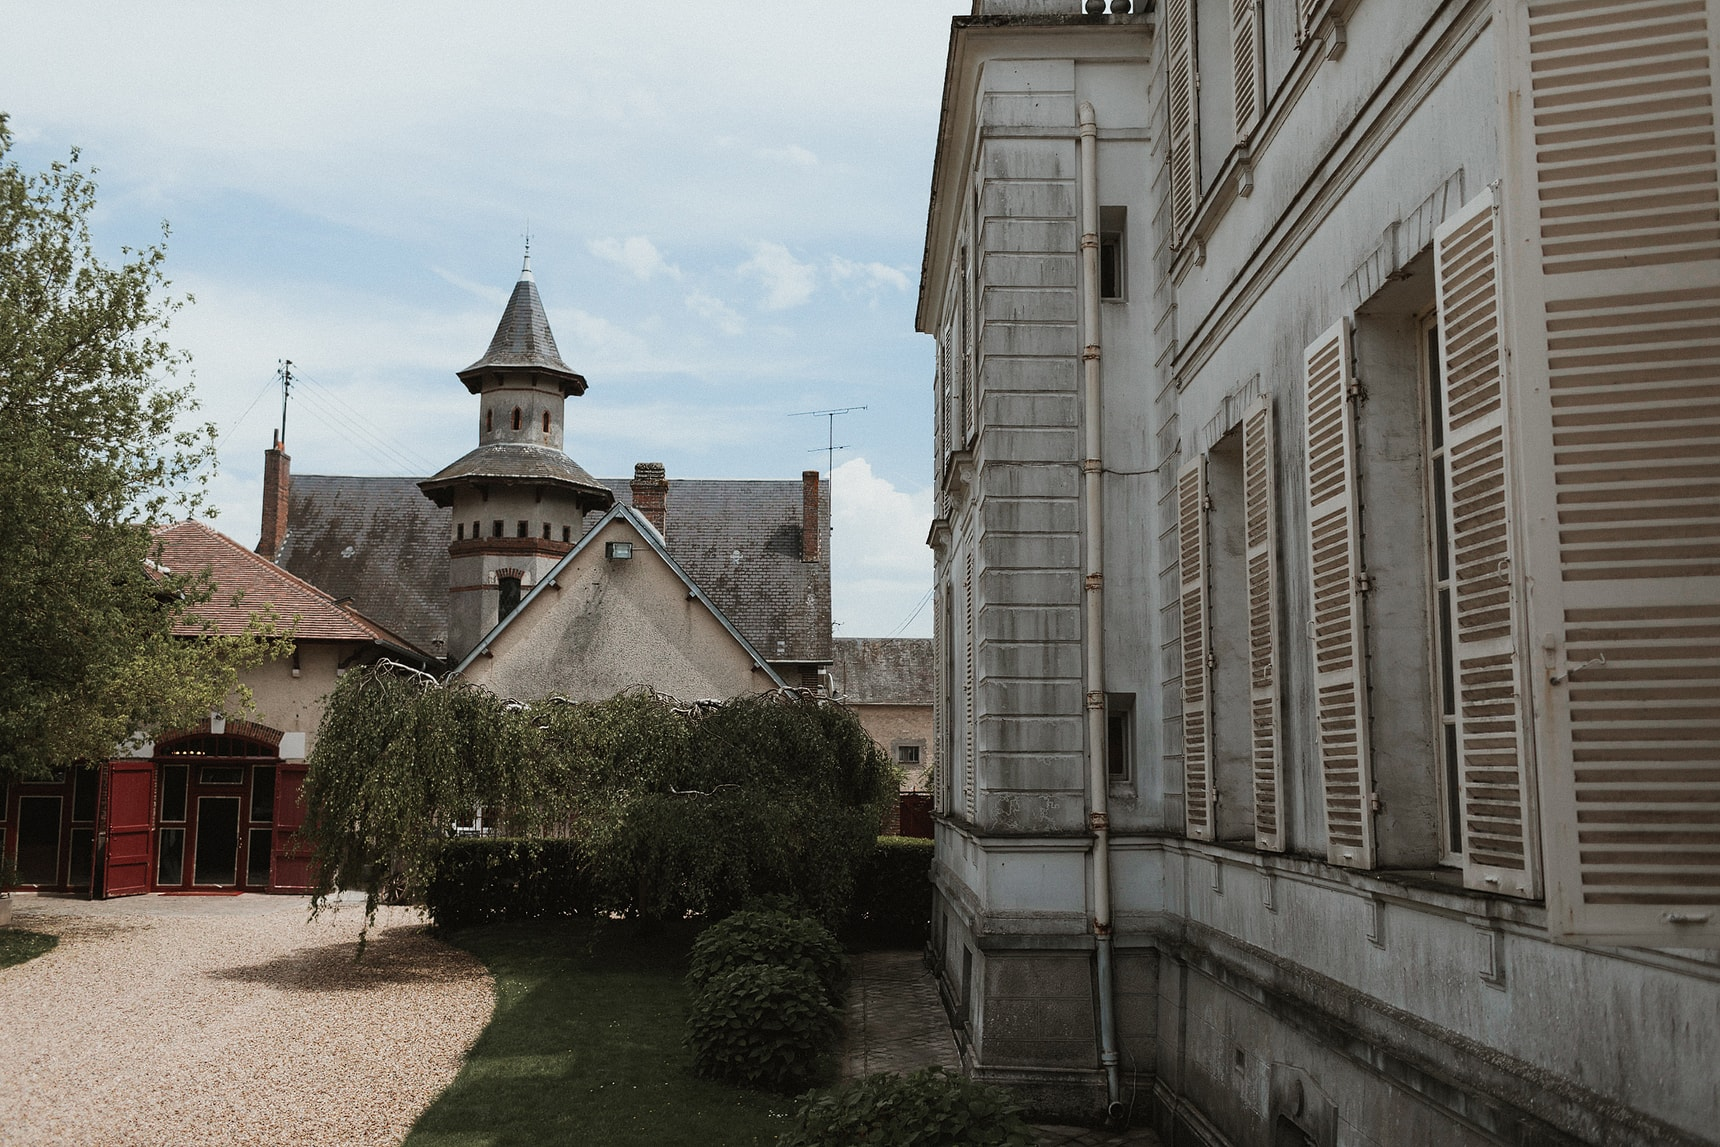 chateau barthelemy wedding venue france